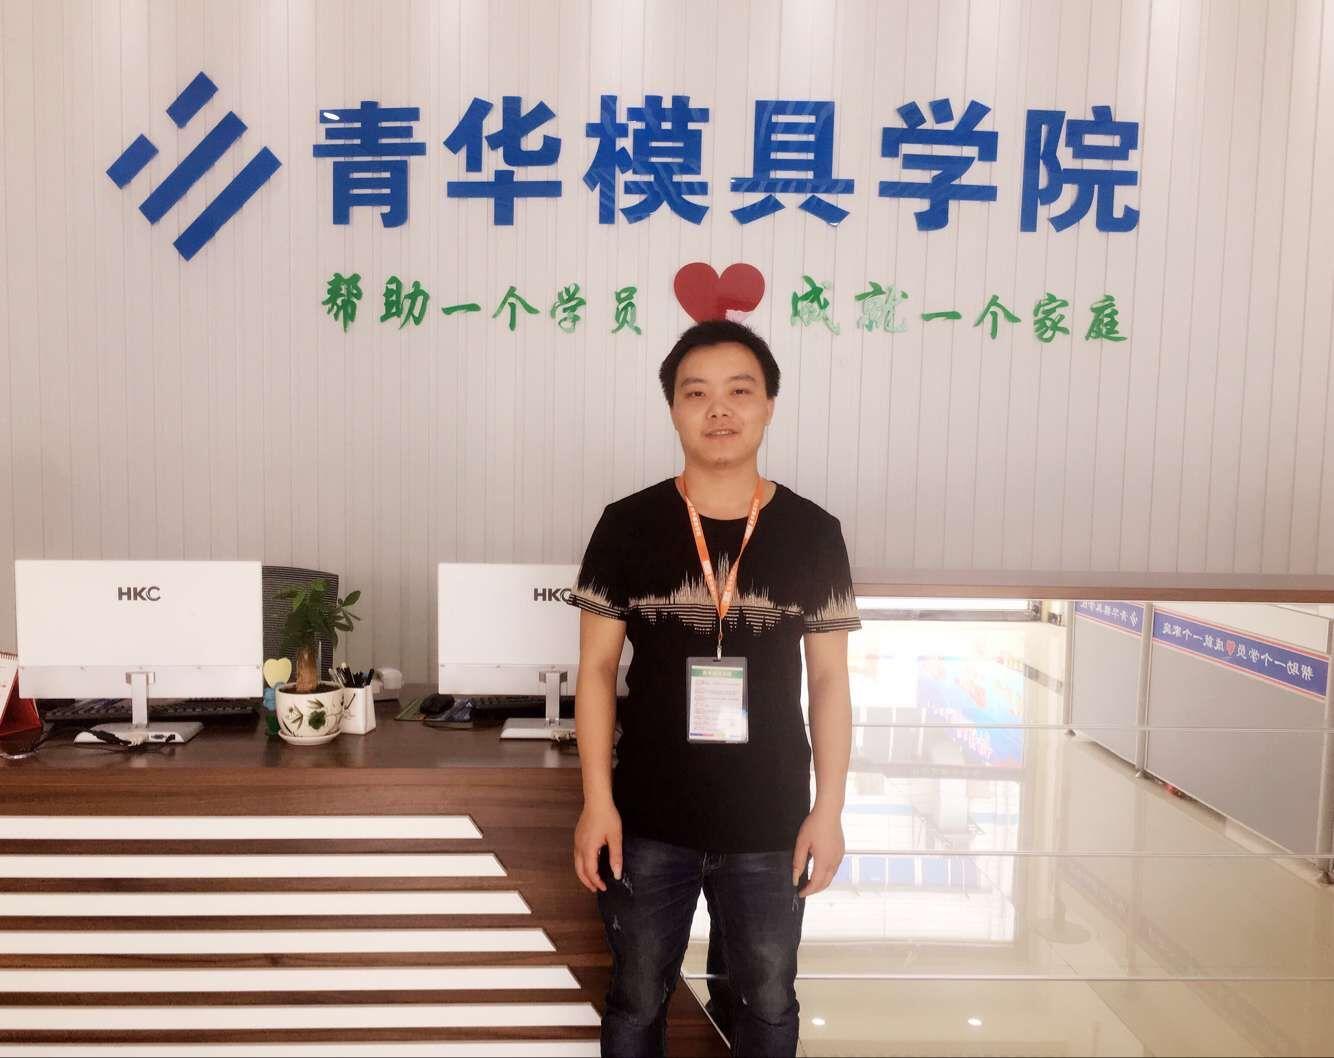 陈波成功入职骏鑫科技试用期5000